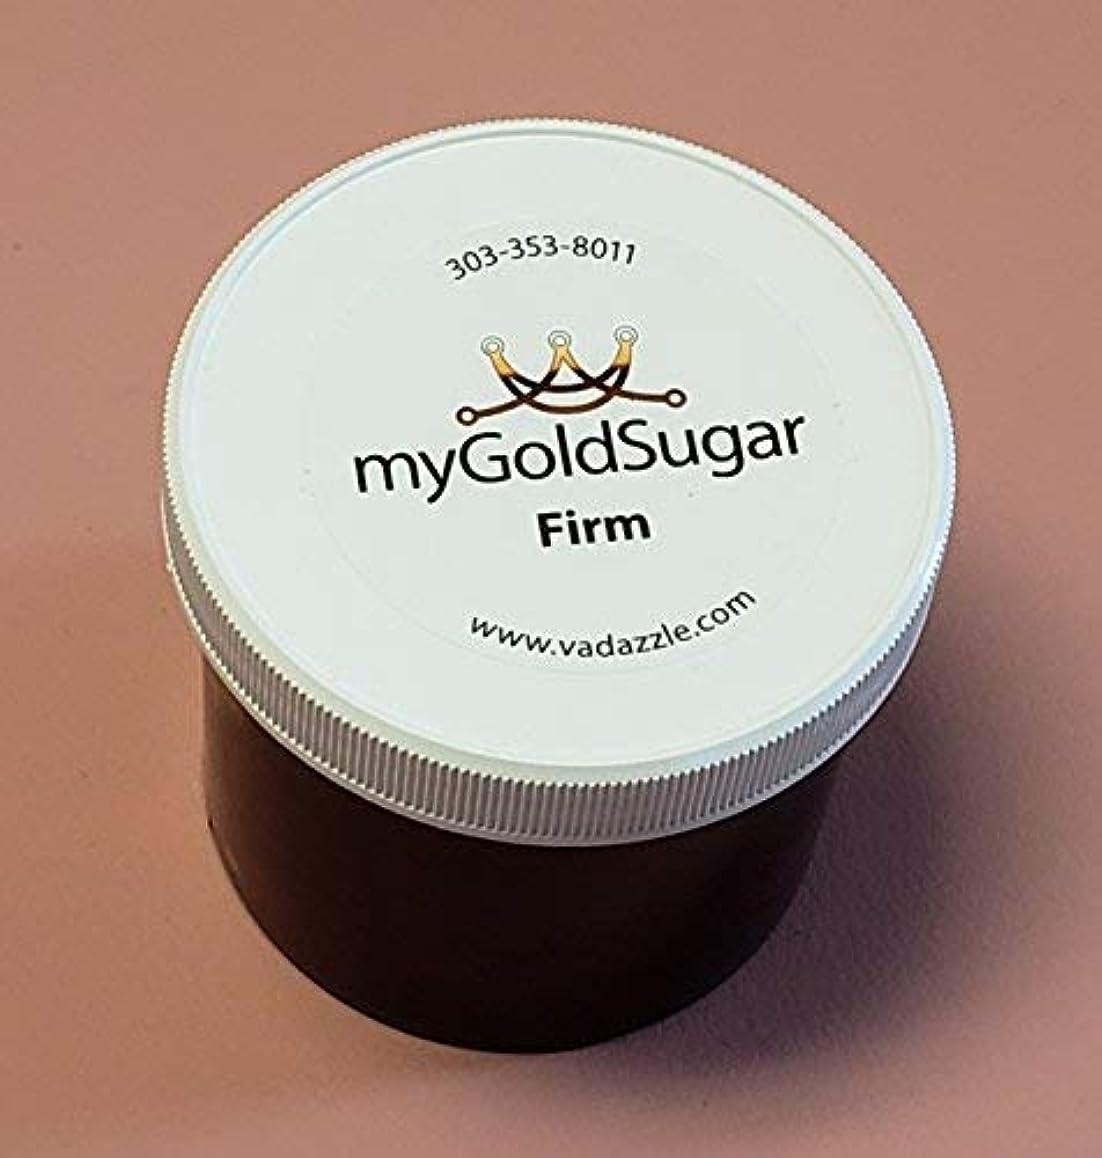 幸福つなぐ賞16oz My Gold Sugar - Sugaring for Hair Removal (Firm) [並行輸入品]